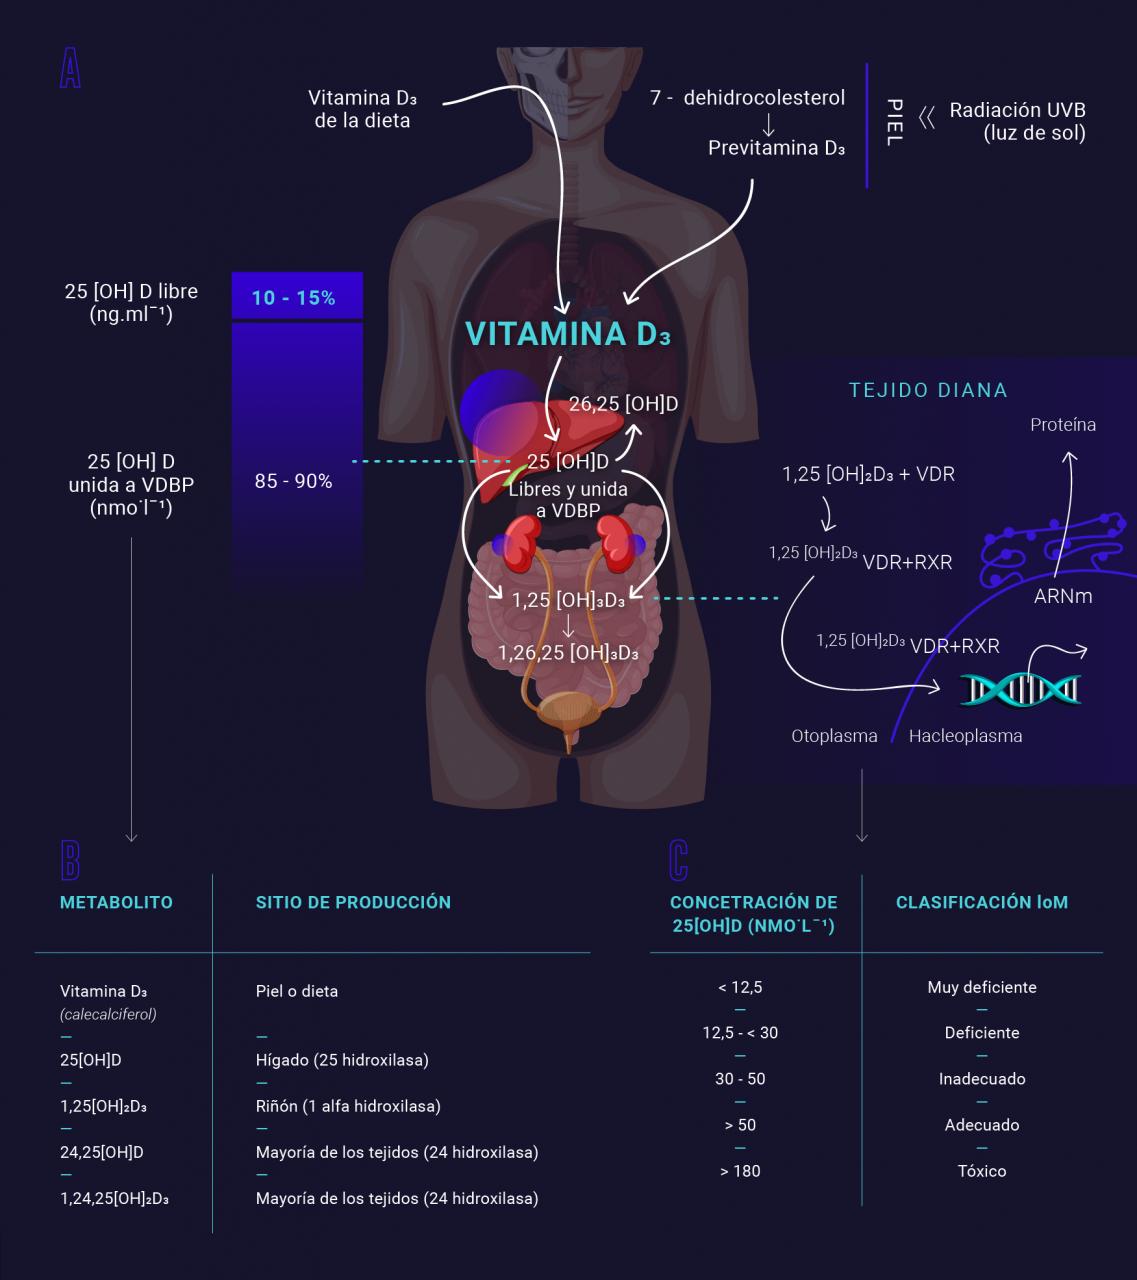 Nutricion-deportiva-vitamina-D-suplementacion-suplementos-IND-cuerpo